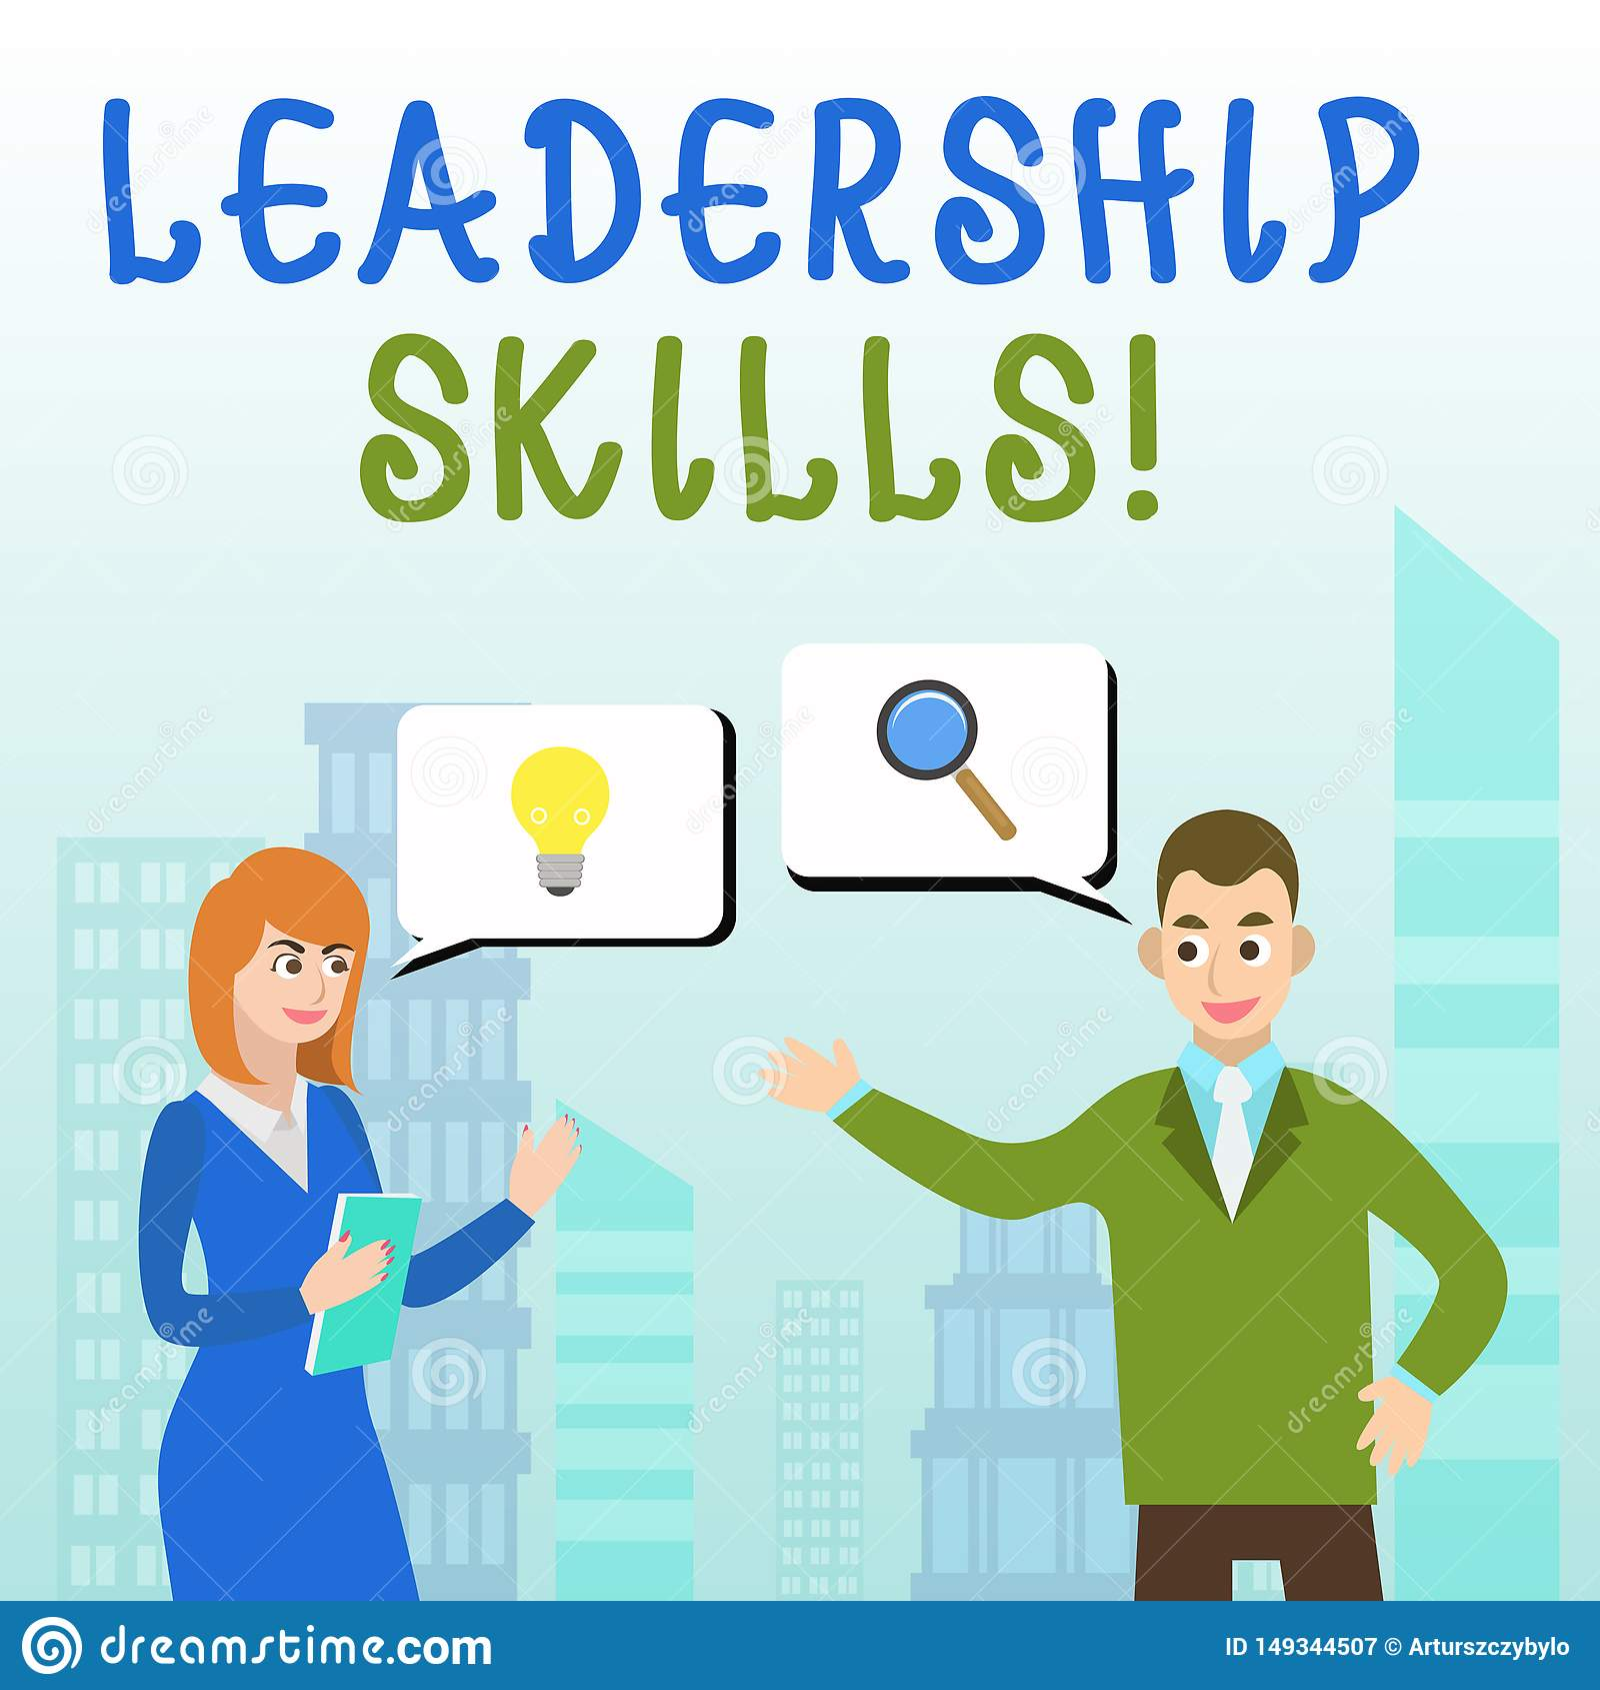 Essay leadership skills